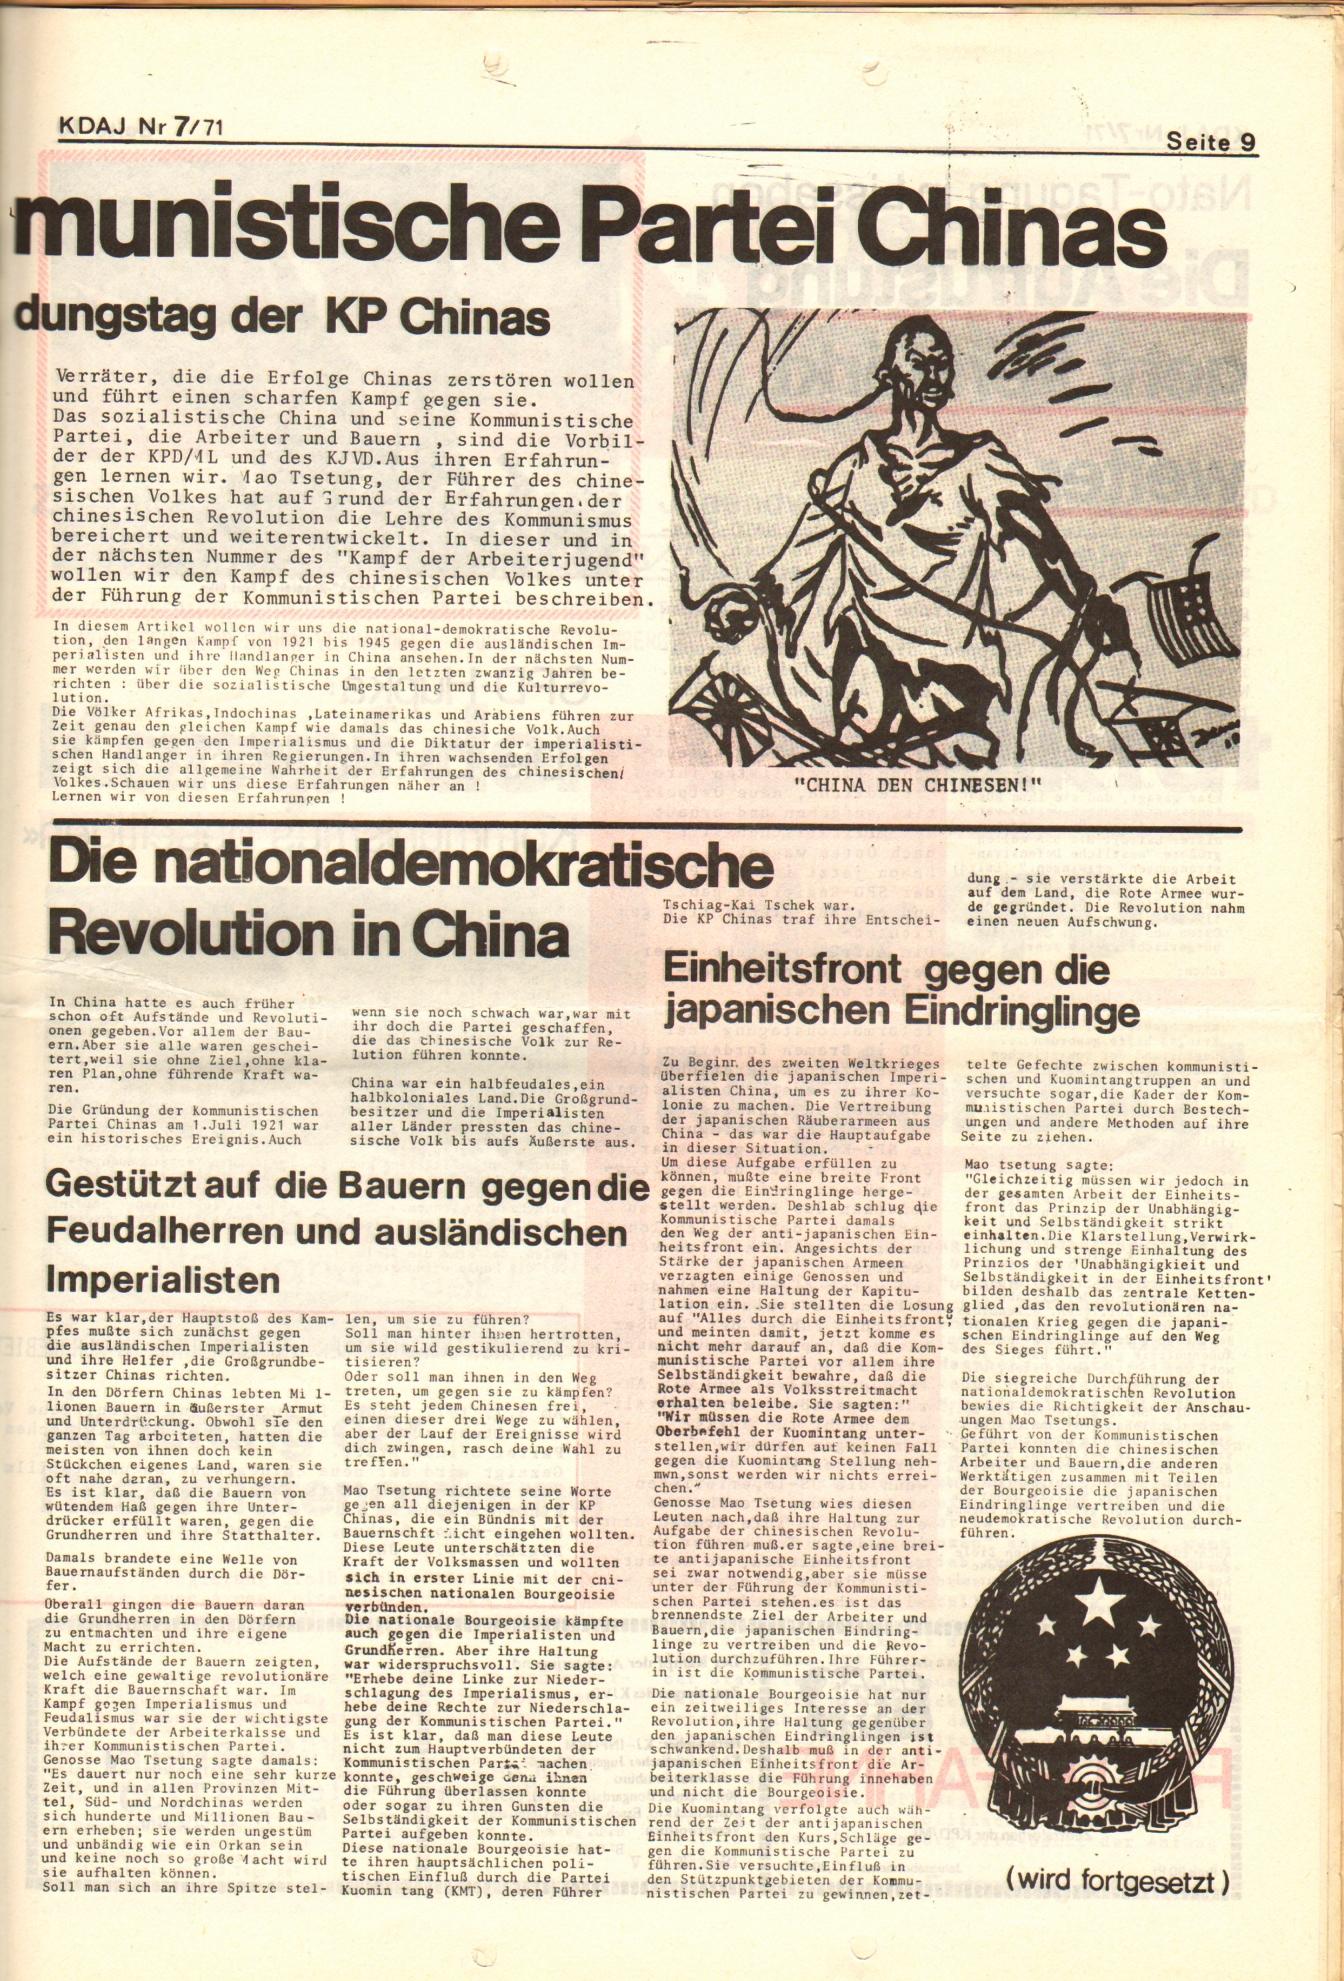 KDAJ, 2. Jg., Juli 1971, Nr. 7, Seite 9